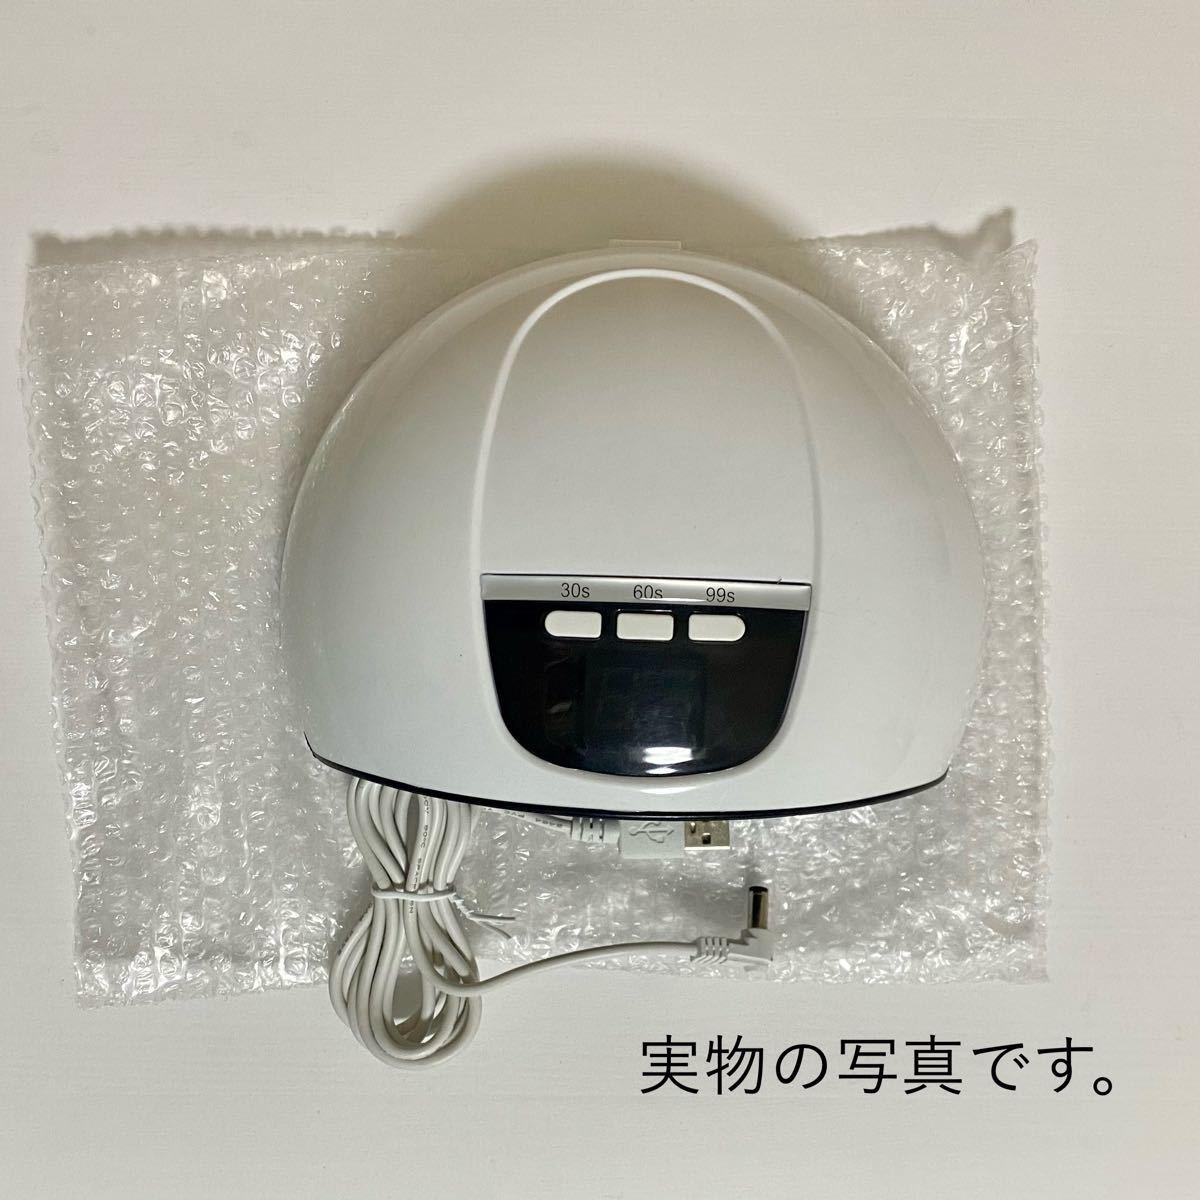 ジェルネイルライト 54w LED UV レジン対応 高速硬化 ネイルライト ネイルドライヤー